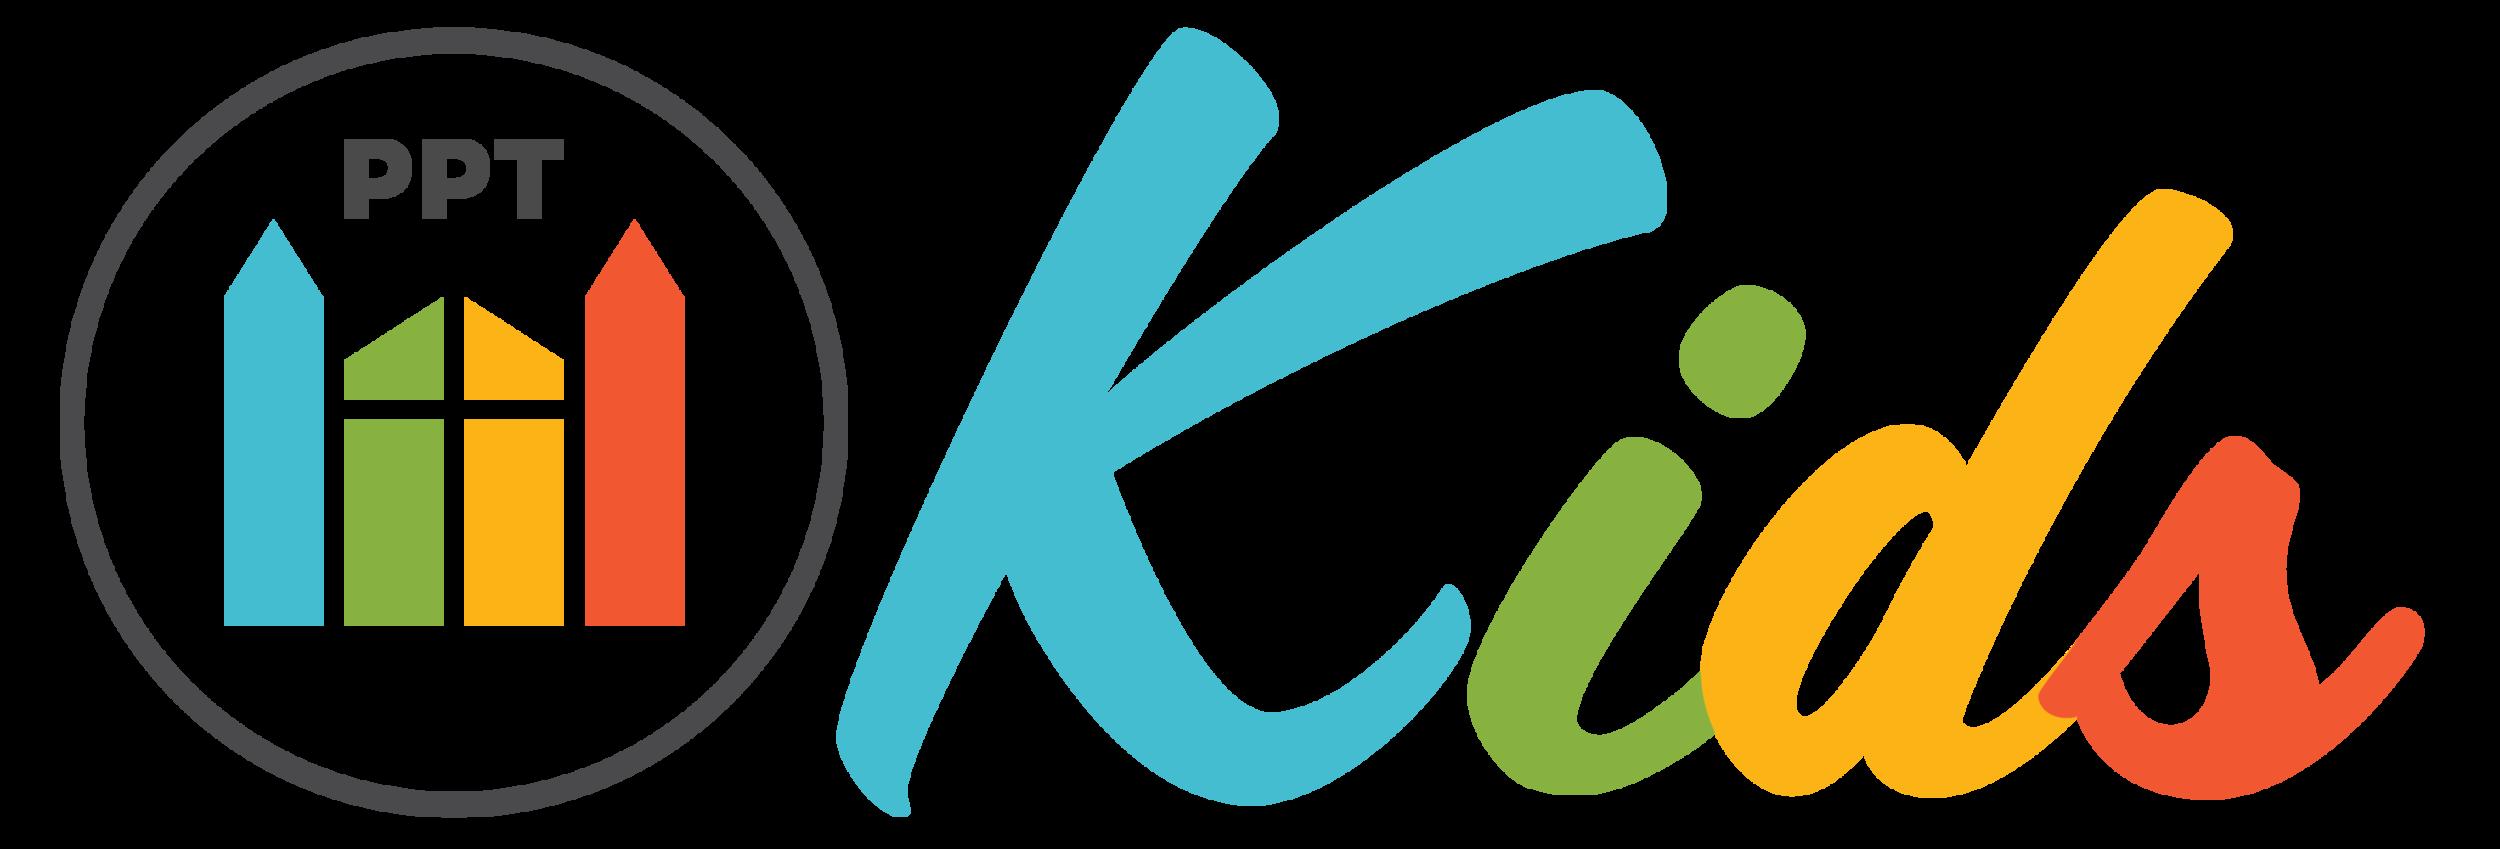 PPT KidsFull Logo Colour Light.png